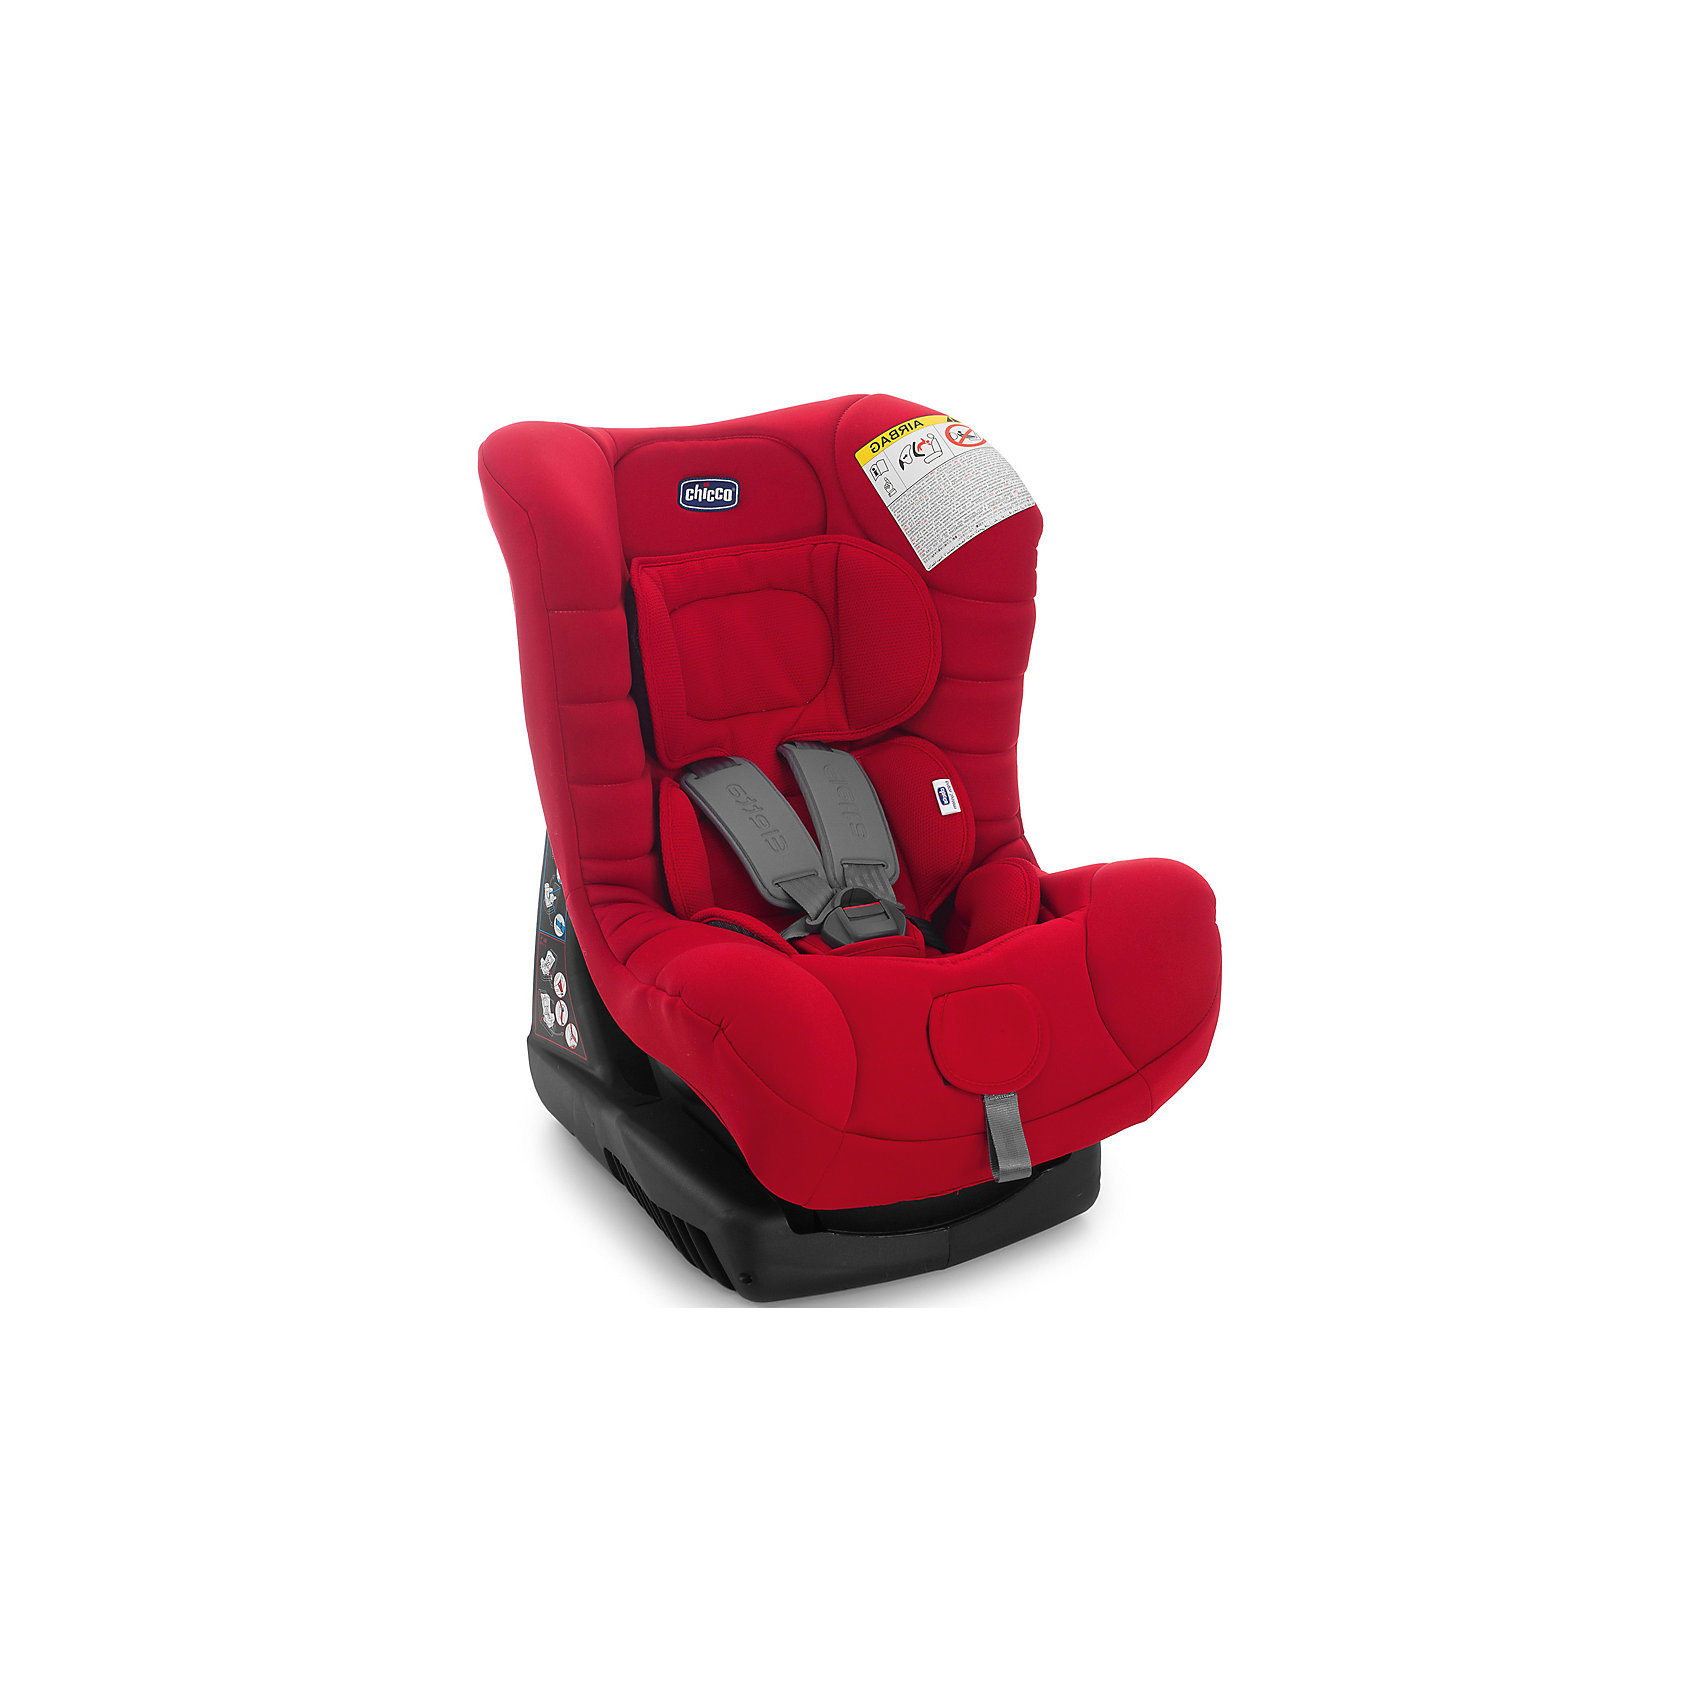 Автокресло Eletta Comfort, 0-18 кг., CHICCO, raceДетское автокресло Chicco Eletta гарантирует высокий уровень комфорта и безопасности ребенка! <br>Для группы 0+, то есть. для детей от 0 до 13 кг. - устанавливается против направления движения, фиксируется с помощью штатных ремней автомобиля. <br>Для группы 1 (от 9 до 18 кг) - по направлению движения и фиксируется с помощью штатных ремней безопасности автомобиля. <br>После снятия редуктора, малыш получит широкое сиденье, где может совершать длительные поездки. Подкладка автомобильного кресла была разработана, чтобы обеспечить максимальный комфорт для вашего ребенка.<br><br>Особенности: <br>- Сиденье регулируется в 4-х положениях;<br>- Пятиточечные ремни безопасности;<br>- Широкое сиденье в 4-х положениях (от лежачего до сидячего);<br>- Сторона защиты и плечевые ремни проложенные;<br>- Съемные и моющиеся чехлы;<br>- Ремни безопасности с центральной регулируемой пряжкой;<br>- Дышащие материалы.<br><br>Дополнительная информация:<br><br>- Цвет: Race.<br>- Вес ребенка: до 18 кг.<br>- Размеры: 43х46х64 см.<br>- Материал: пластик, текстиль.<br>- Вес в упаковке: 8 кг.<br><br>Купить автокресло Eletta Comfort CHICCO в цвете Race, можно в нашем магазине.<br><br>Ширина мм: 550<br>Глубина мм: 440<br>Высота мм: 640<br>Вес г: 7611<br>Возраст от месяцев: 0<br>Возраст до месяцев: 36<br>Пол: Унисекс<br>Возраст: Детский<br>SKU: 4751859